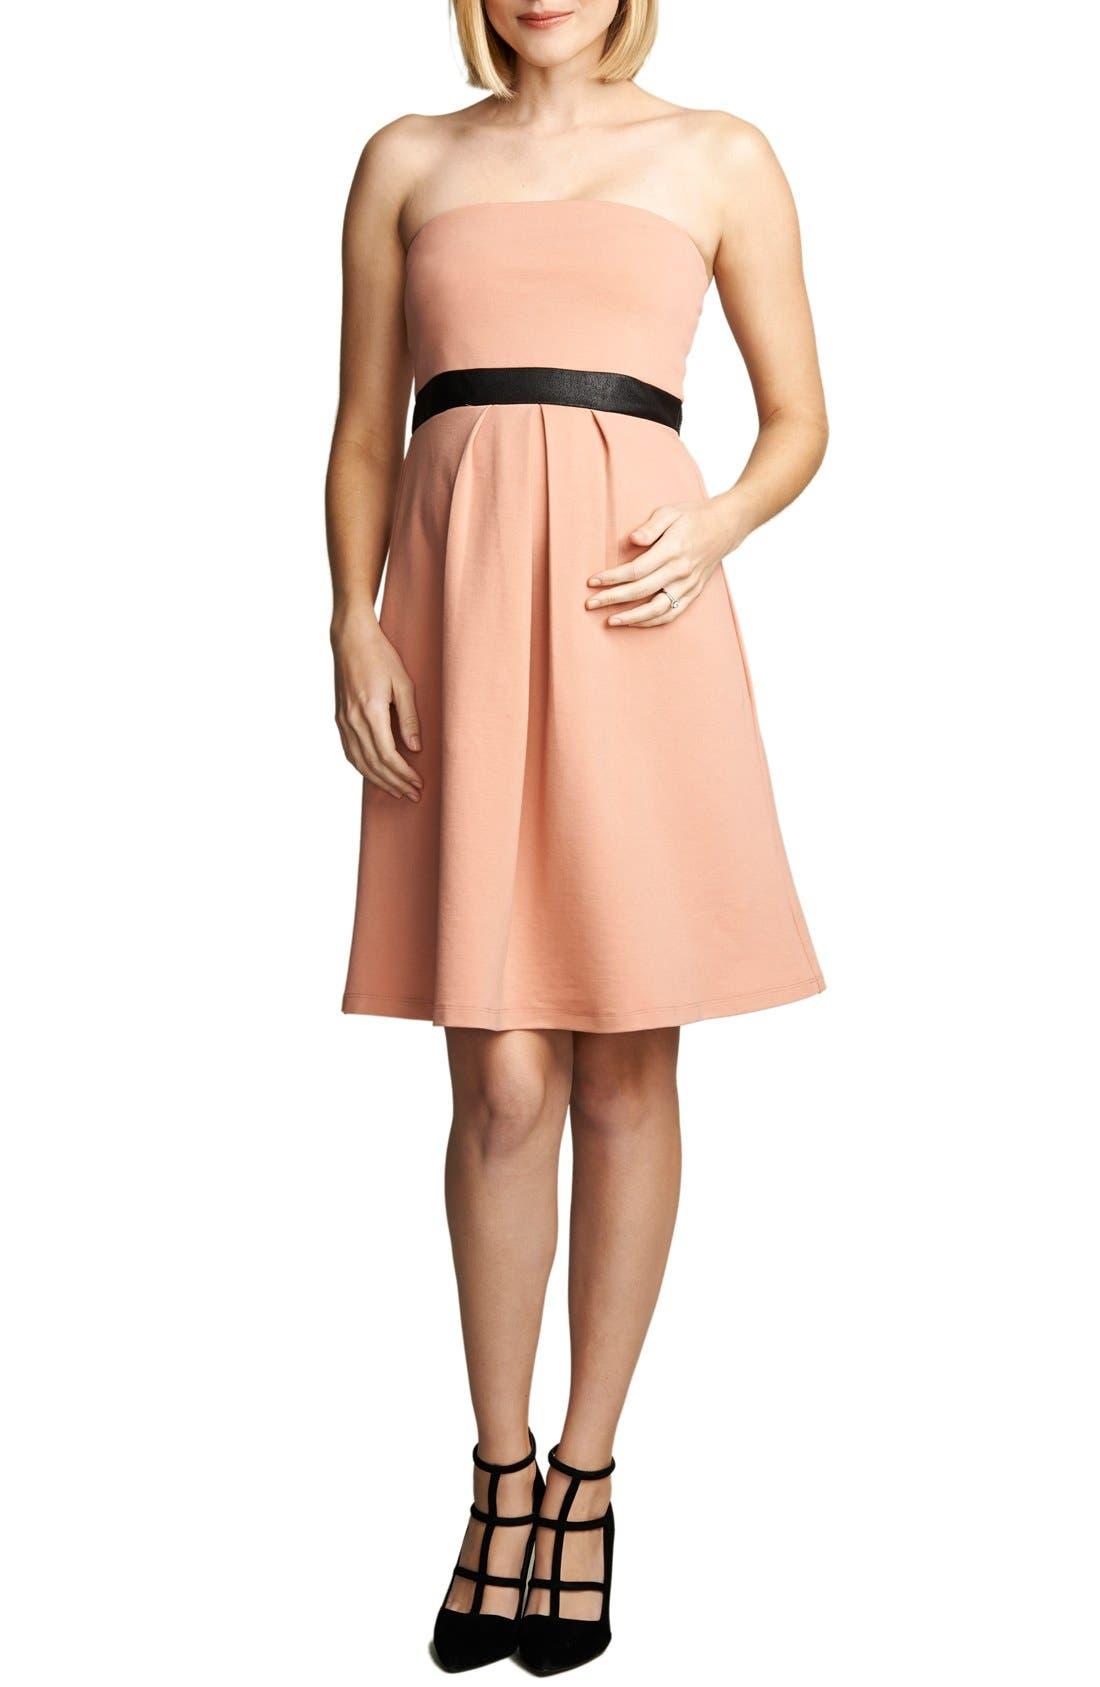 Strapless Maternity Dress,                             Main thumbnail 1, color,                             Blush/ Black